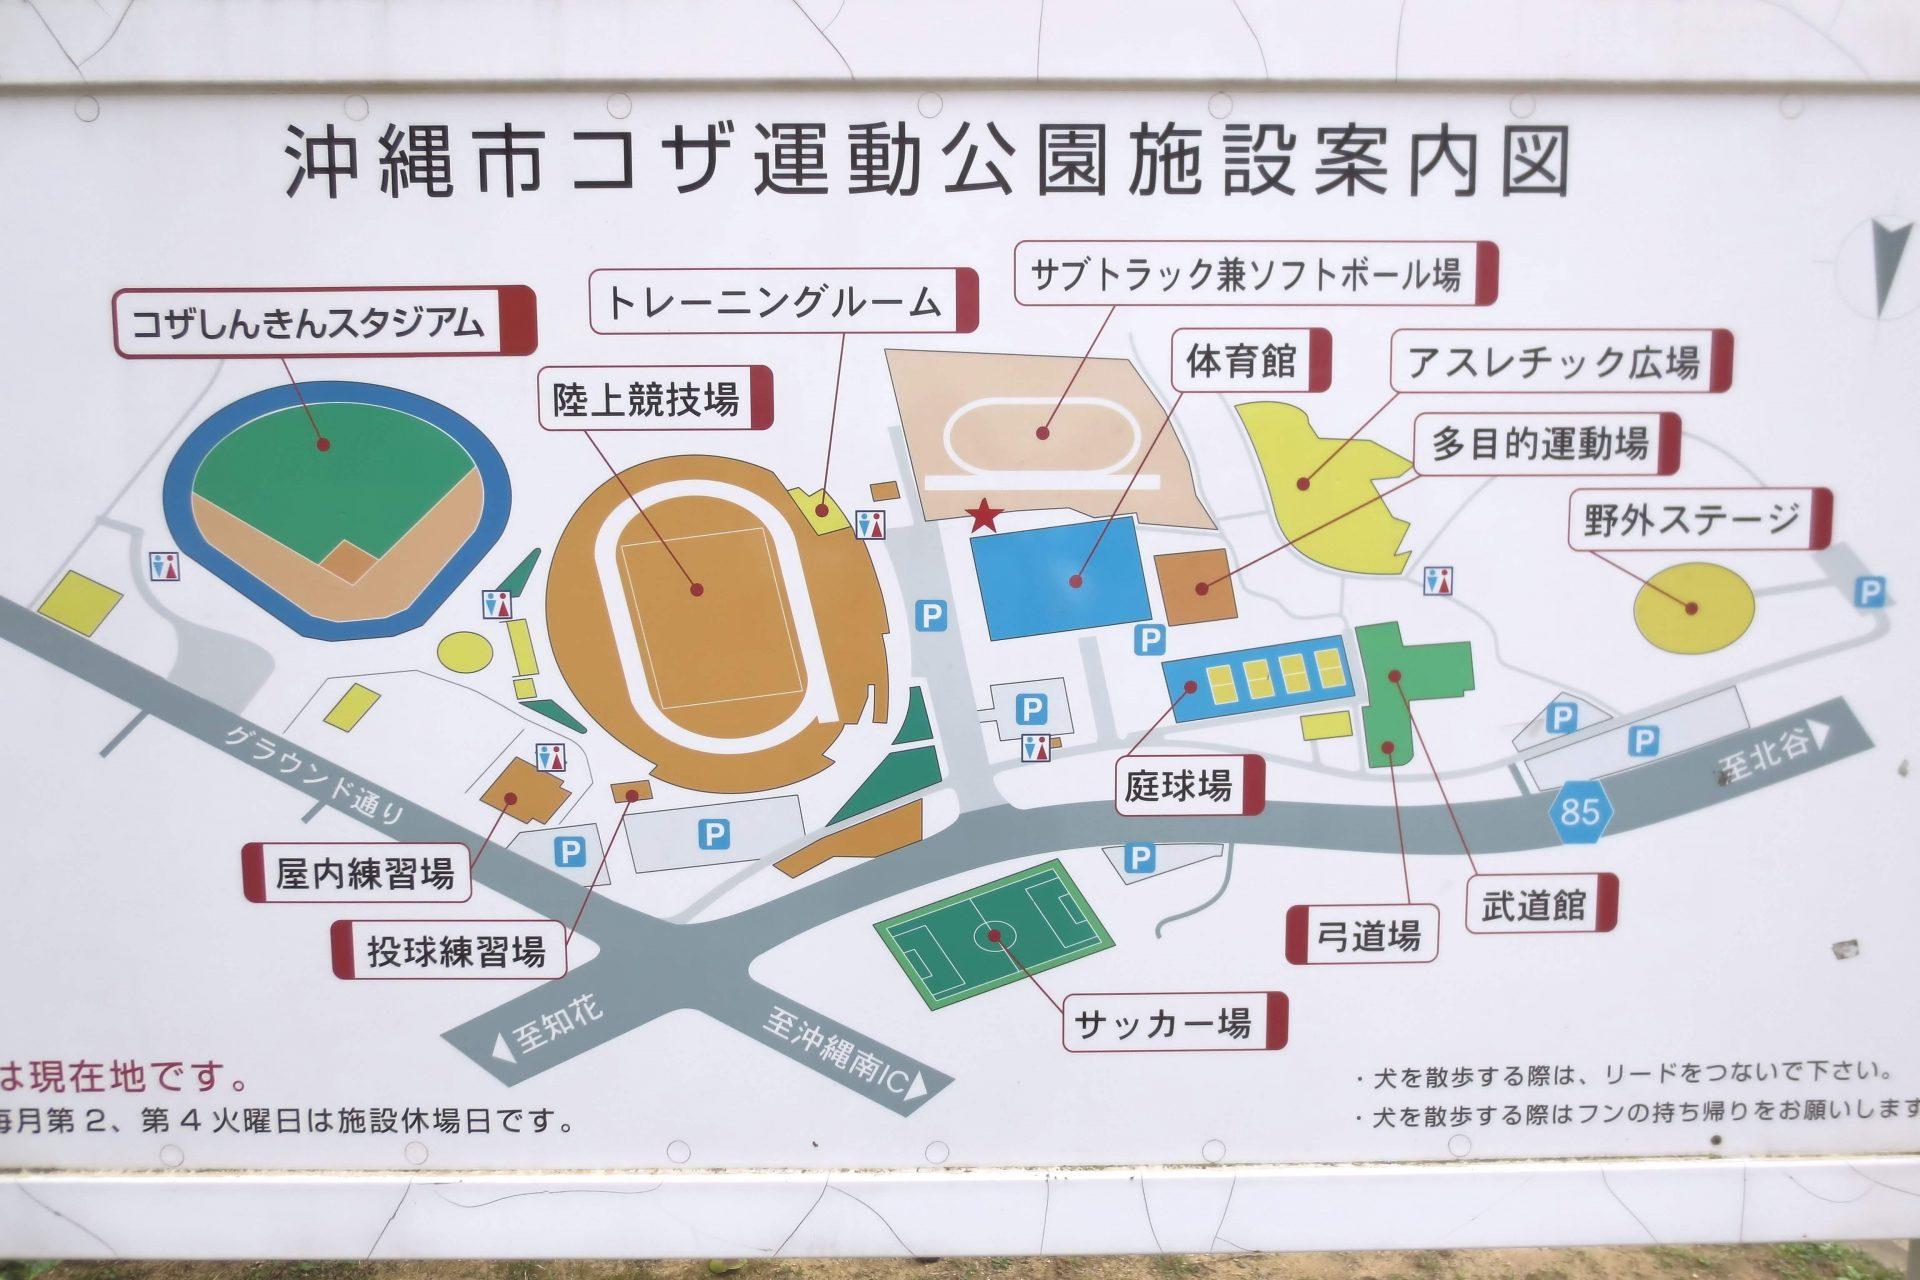 沖縄市コザ運動公園施設案内図